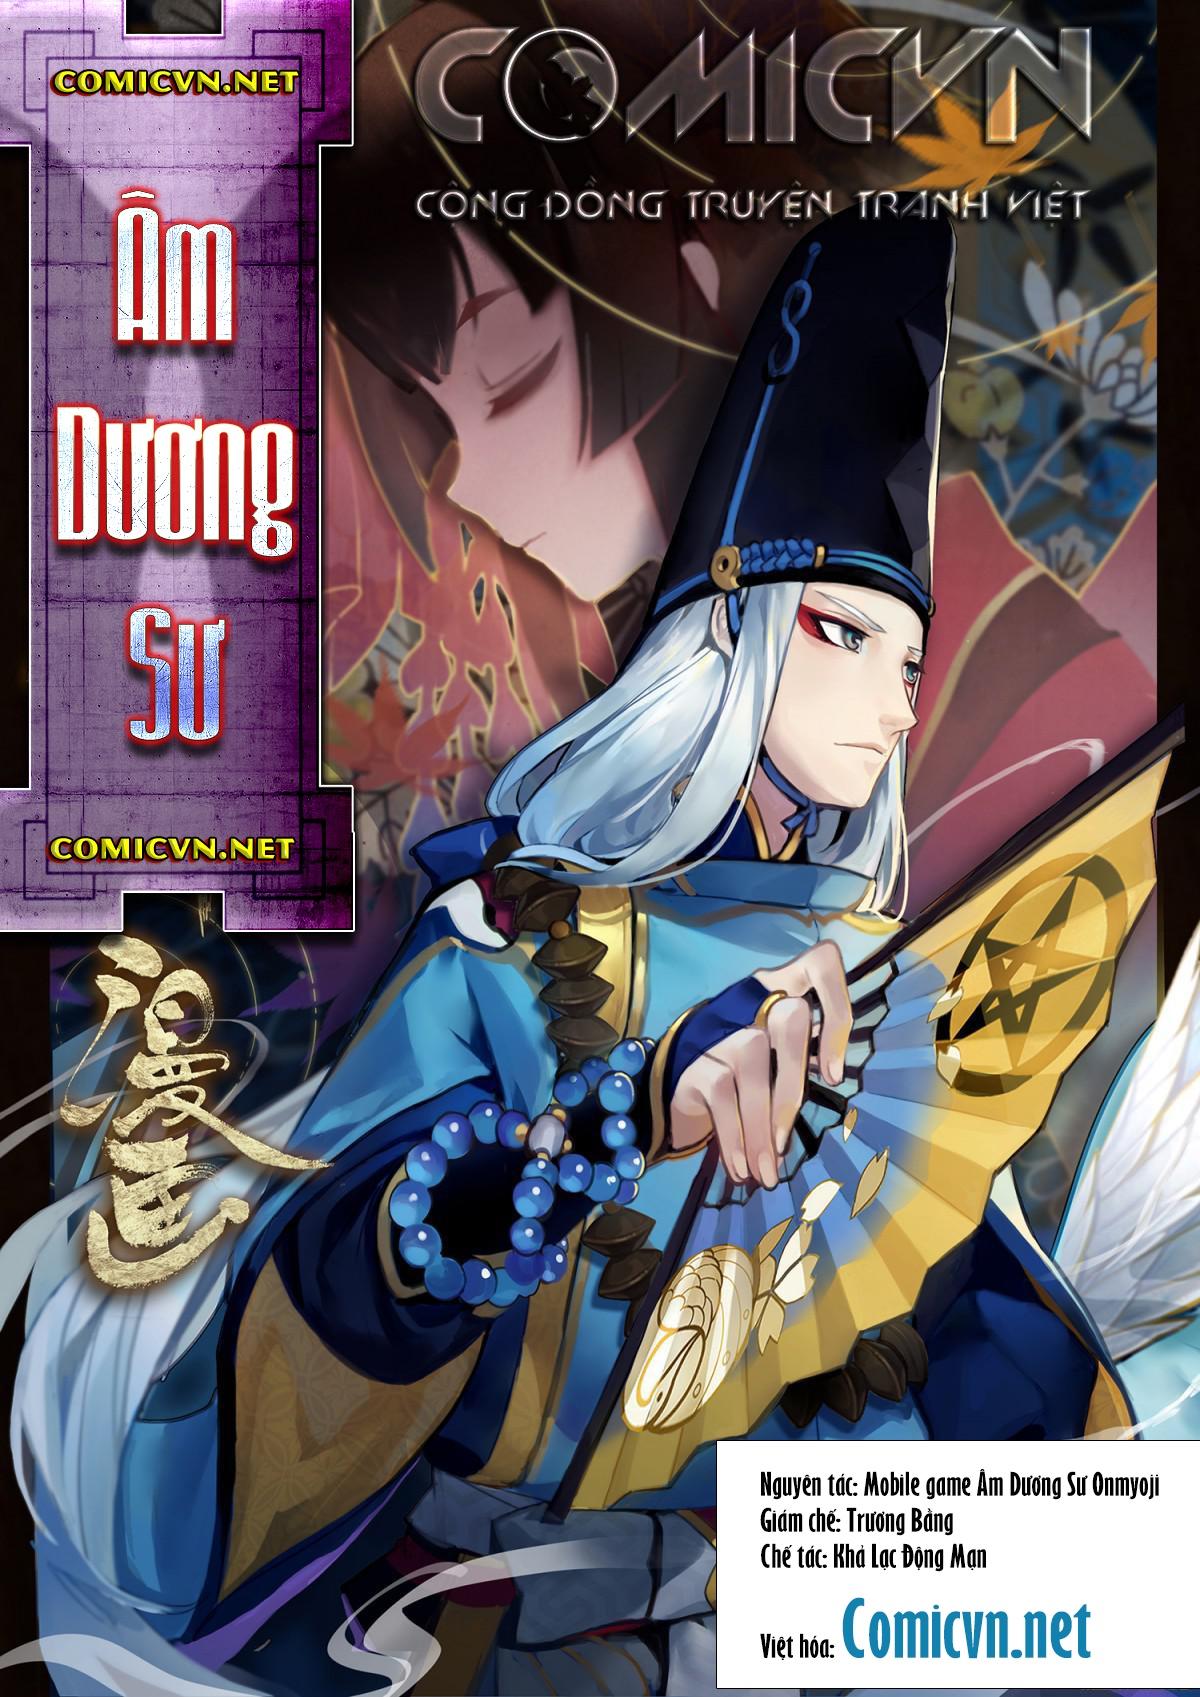 Onmyoji - Âm Dương Sư manga chap 1 - Trang 1